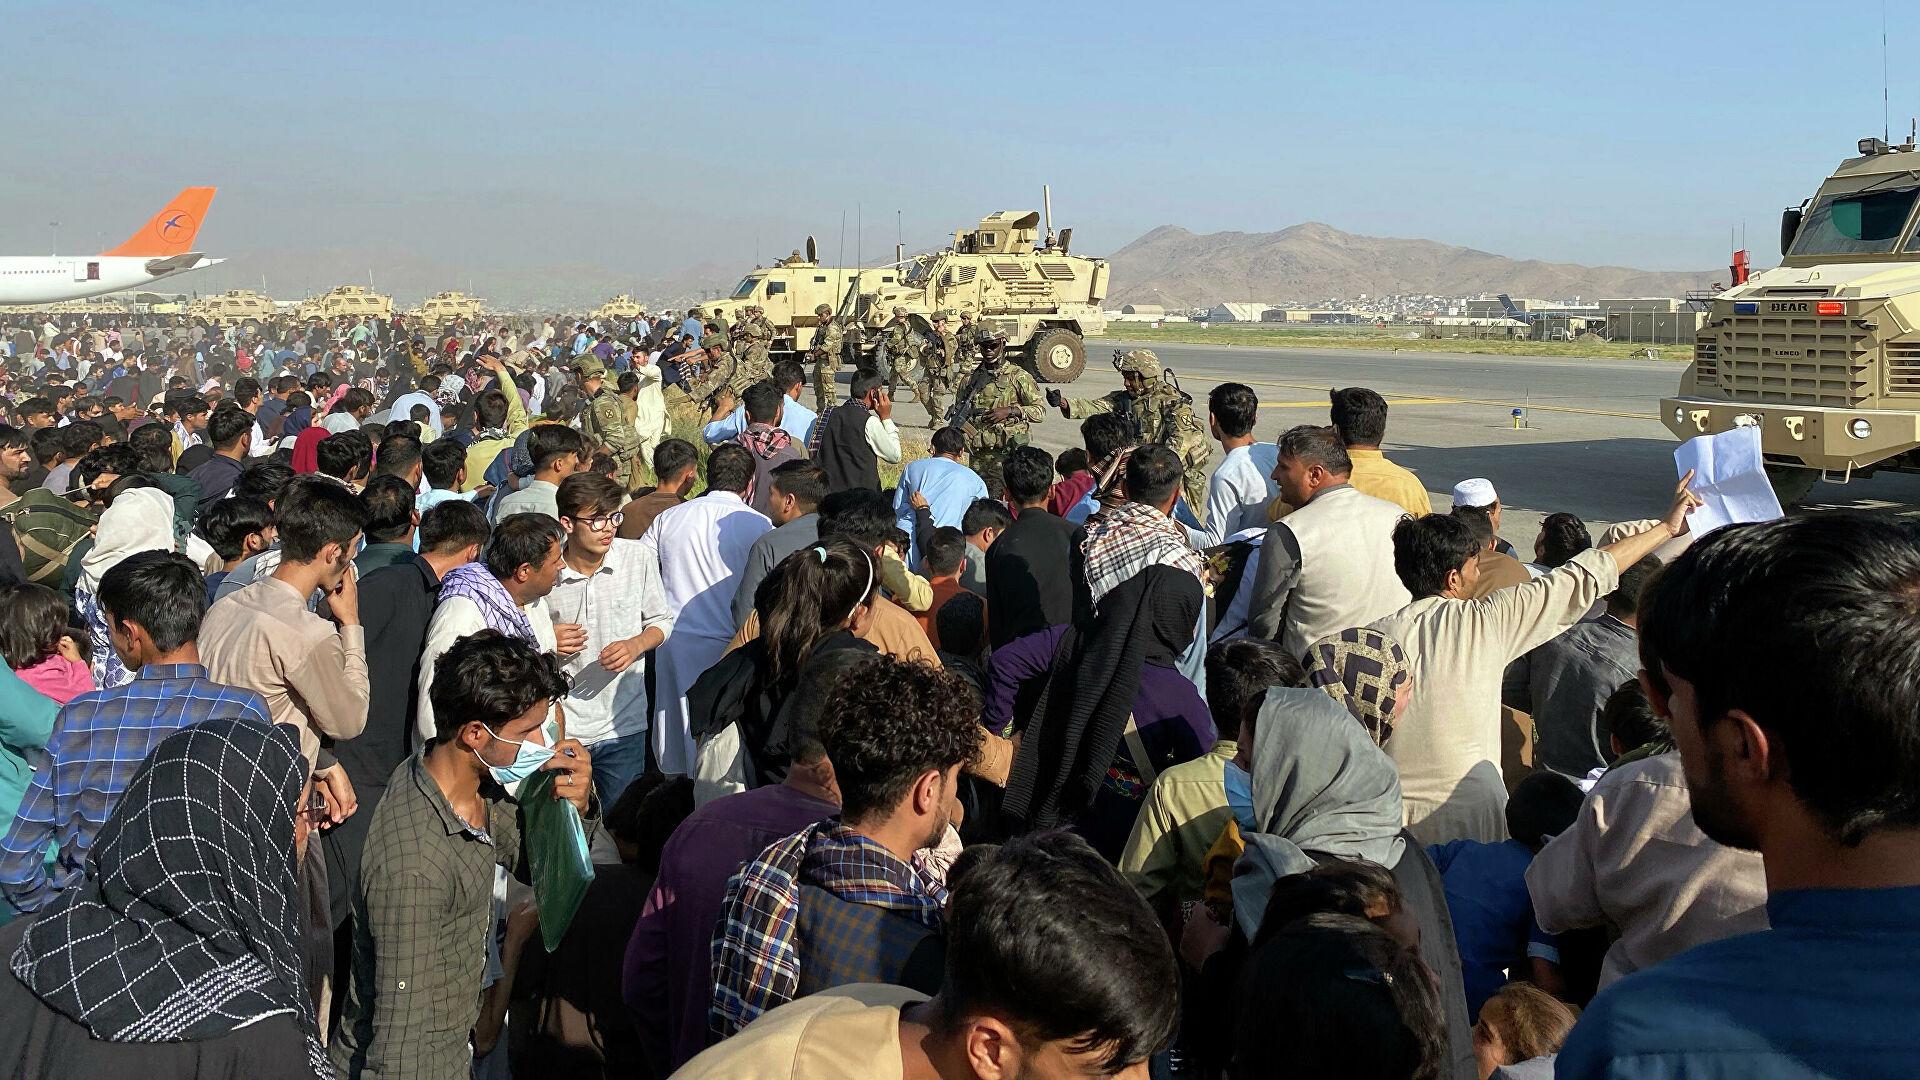 ЕС могут выплатить соседям Афганистана €600 млн, чтобы избежать наплыва мигрантов